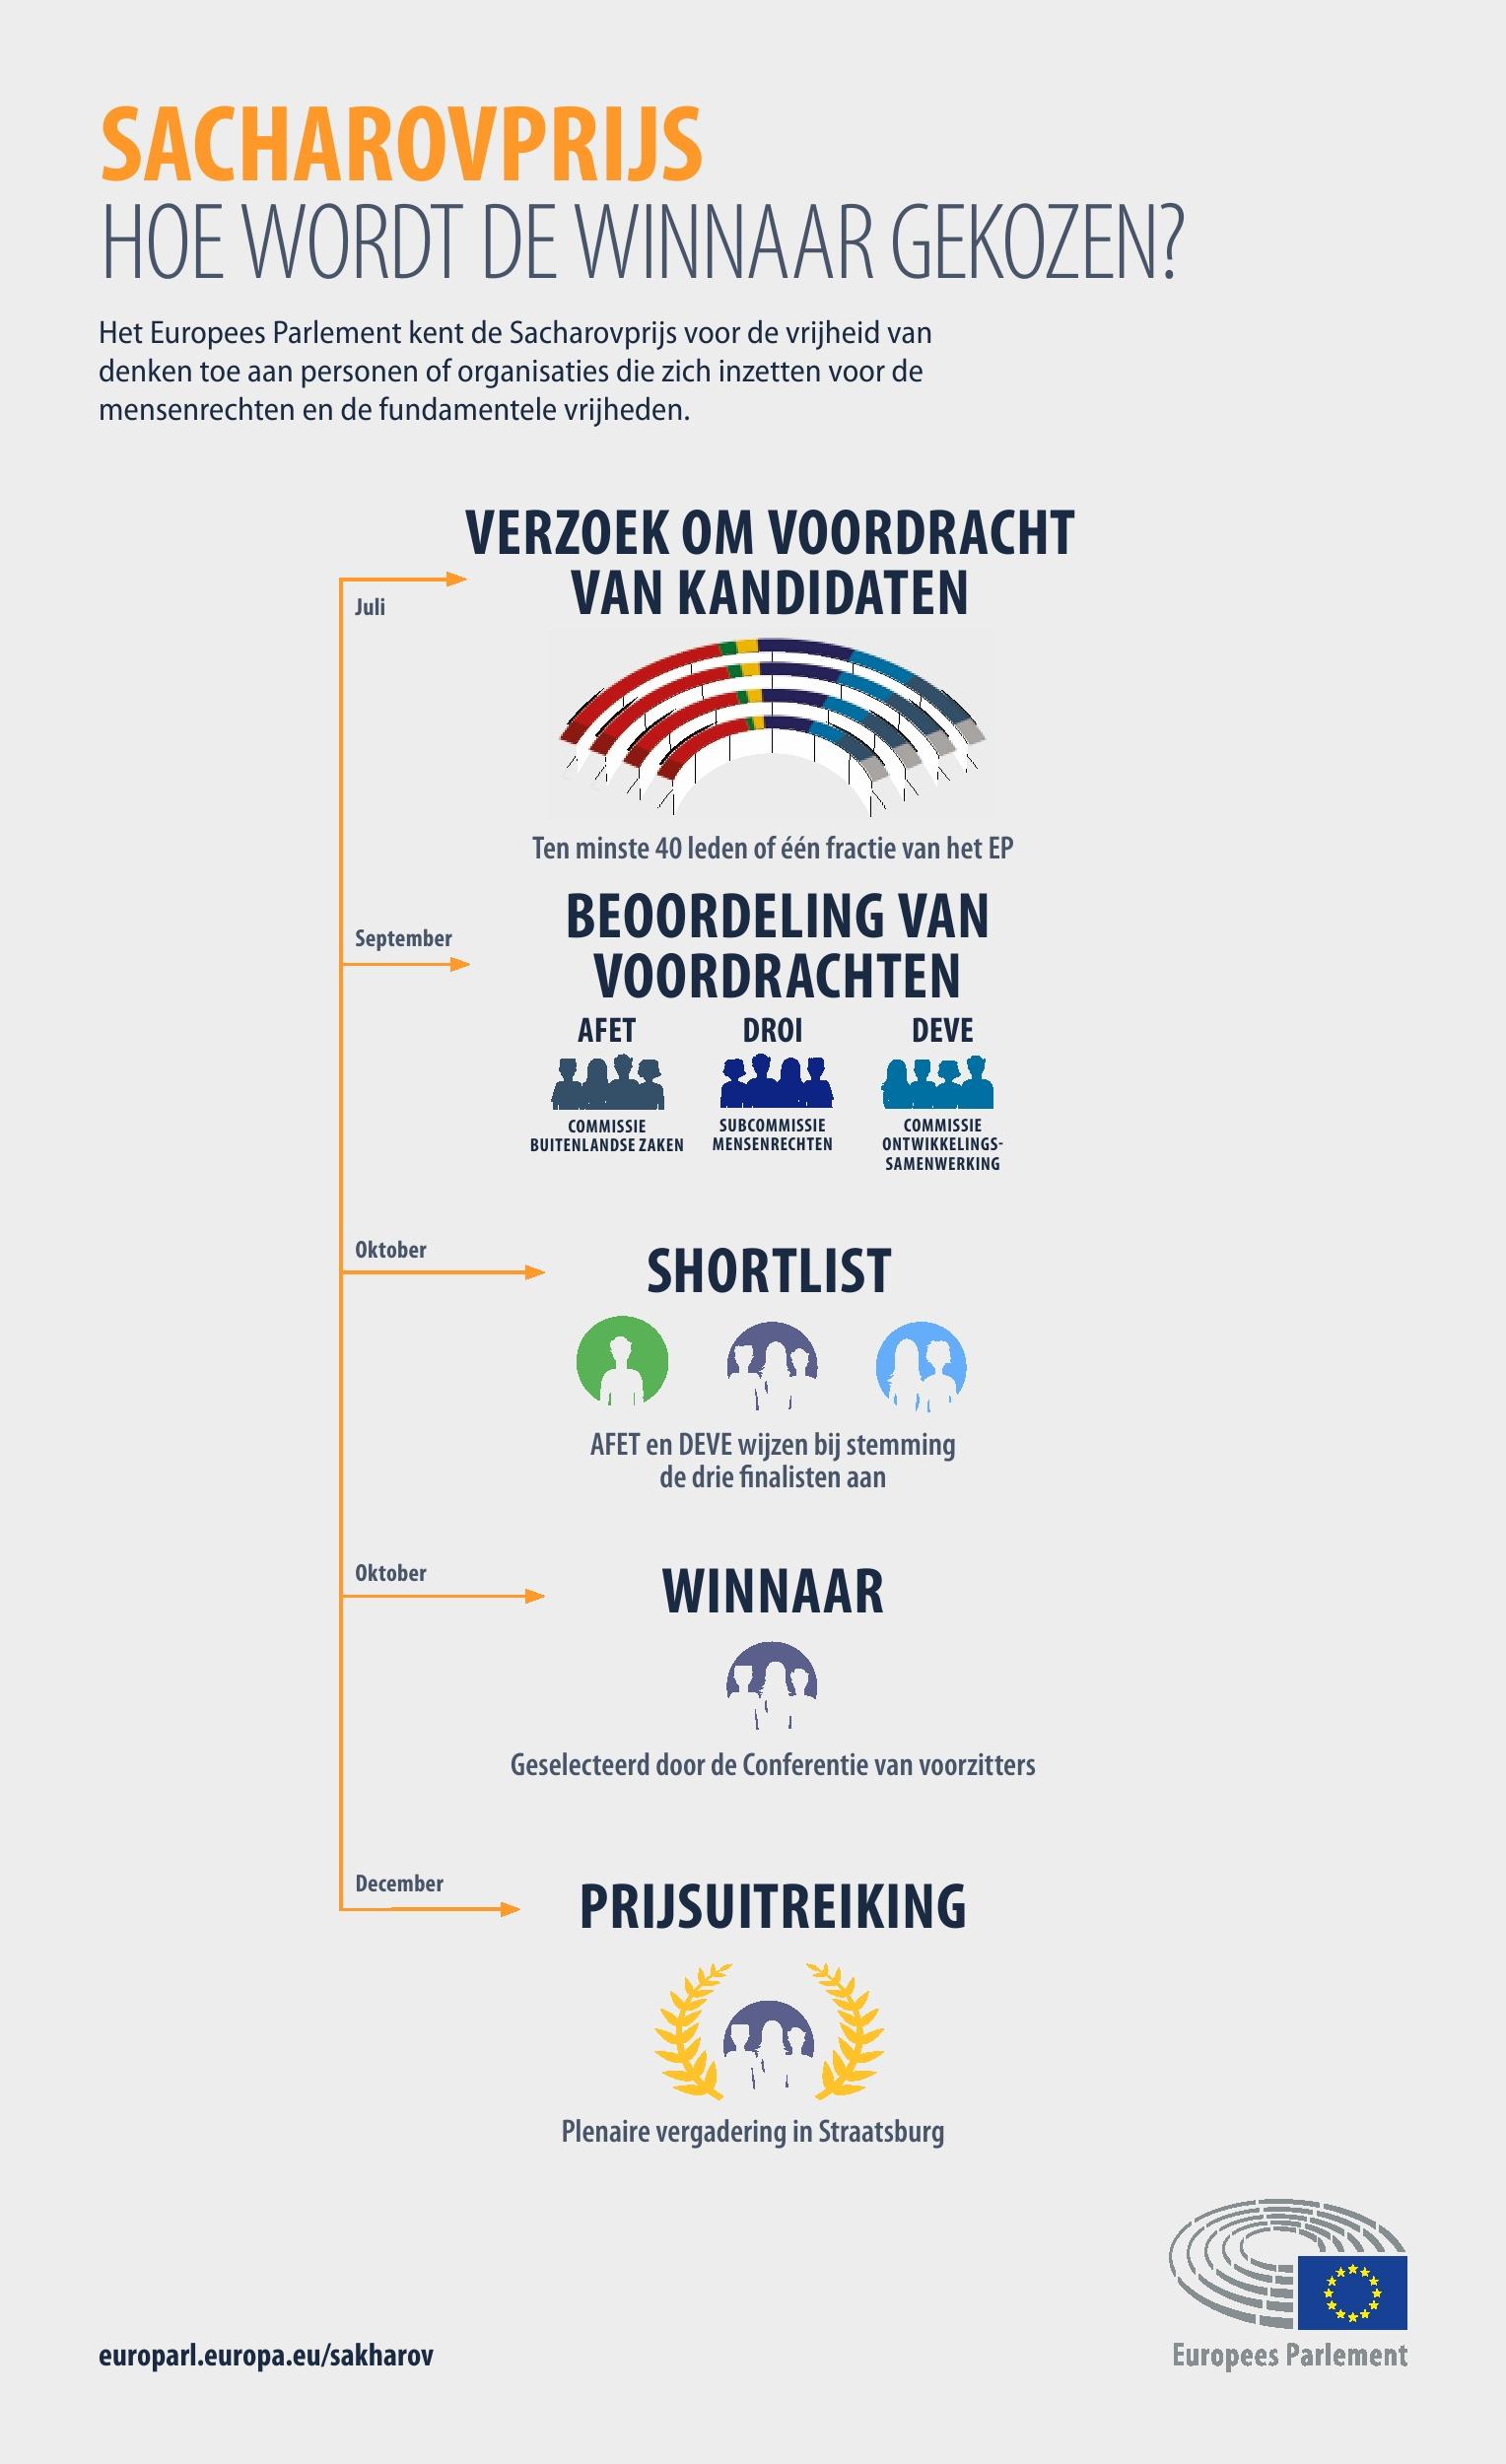 Infografiek: Hoe wordt de winnaar van de Sacharovprijs gekozen?